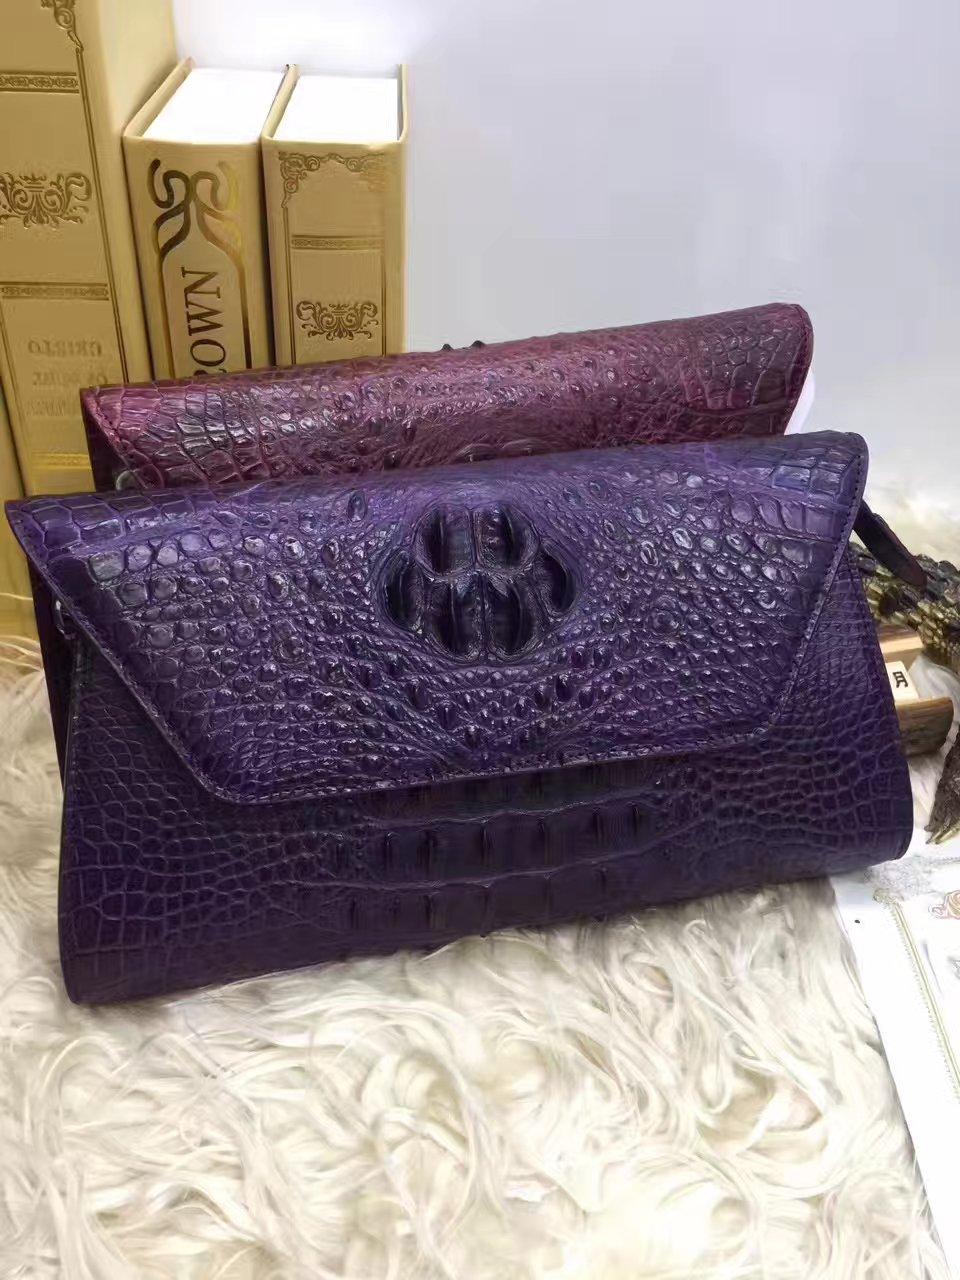 100% genuine crocodile leather skin women clutch wallets purse long, alligator skin wallets women clutch shoulder bag with strap